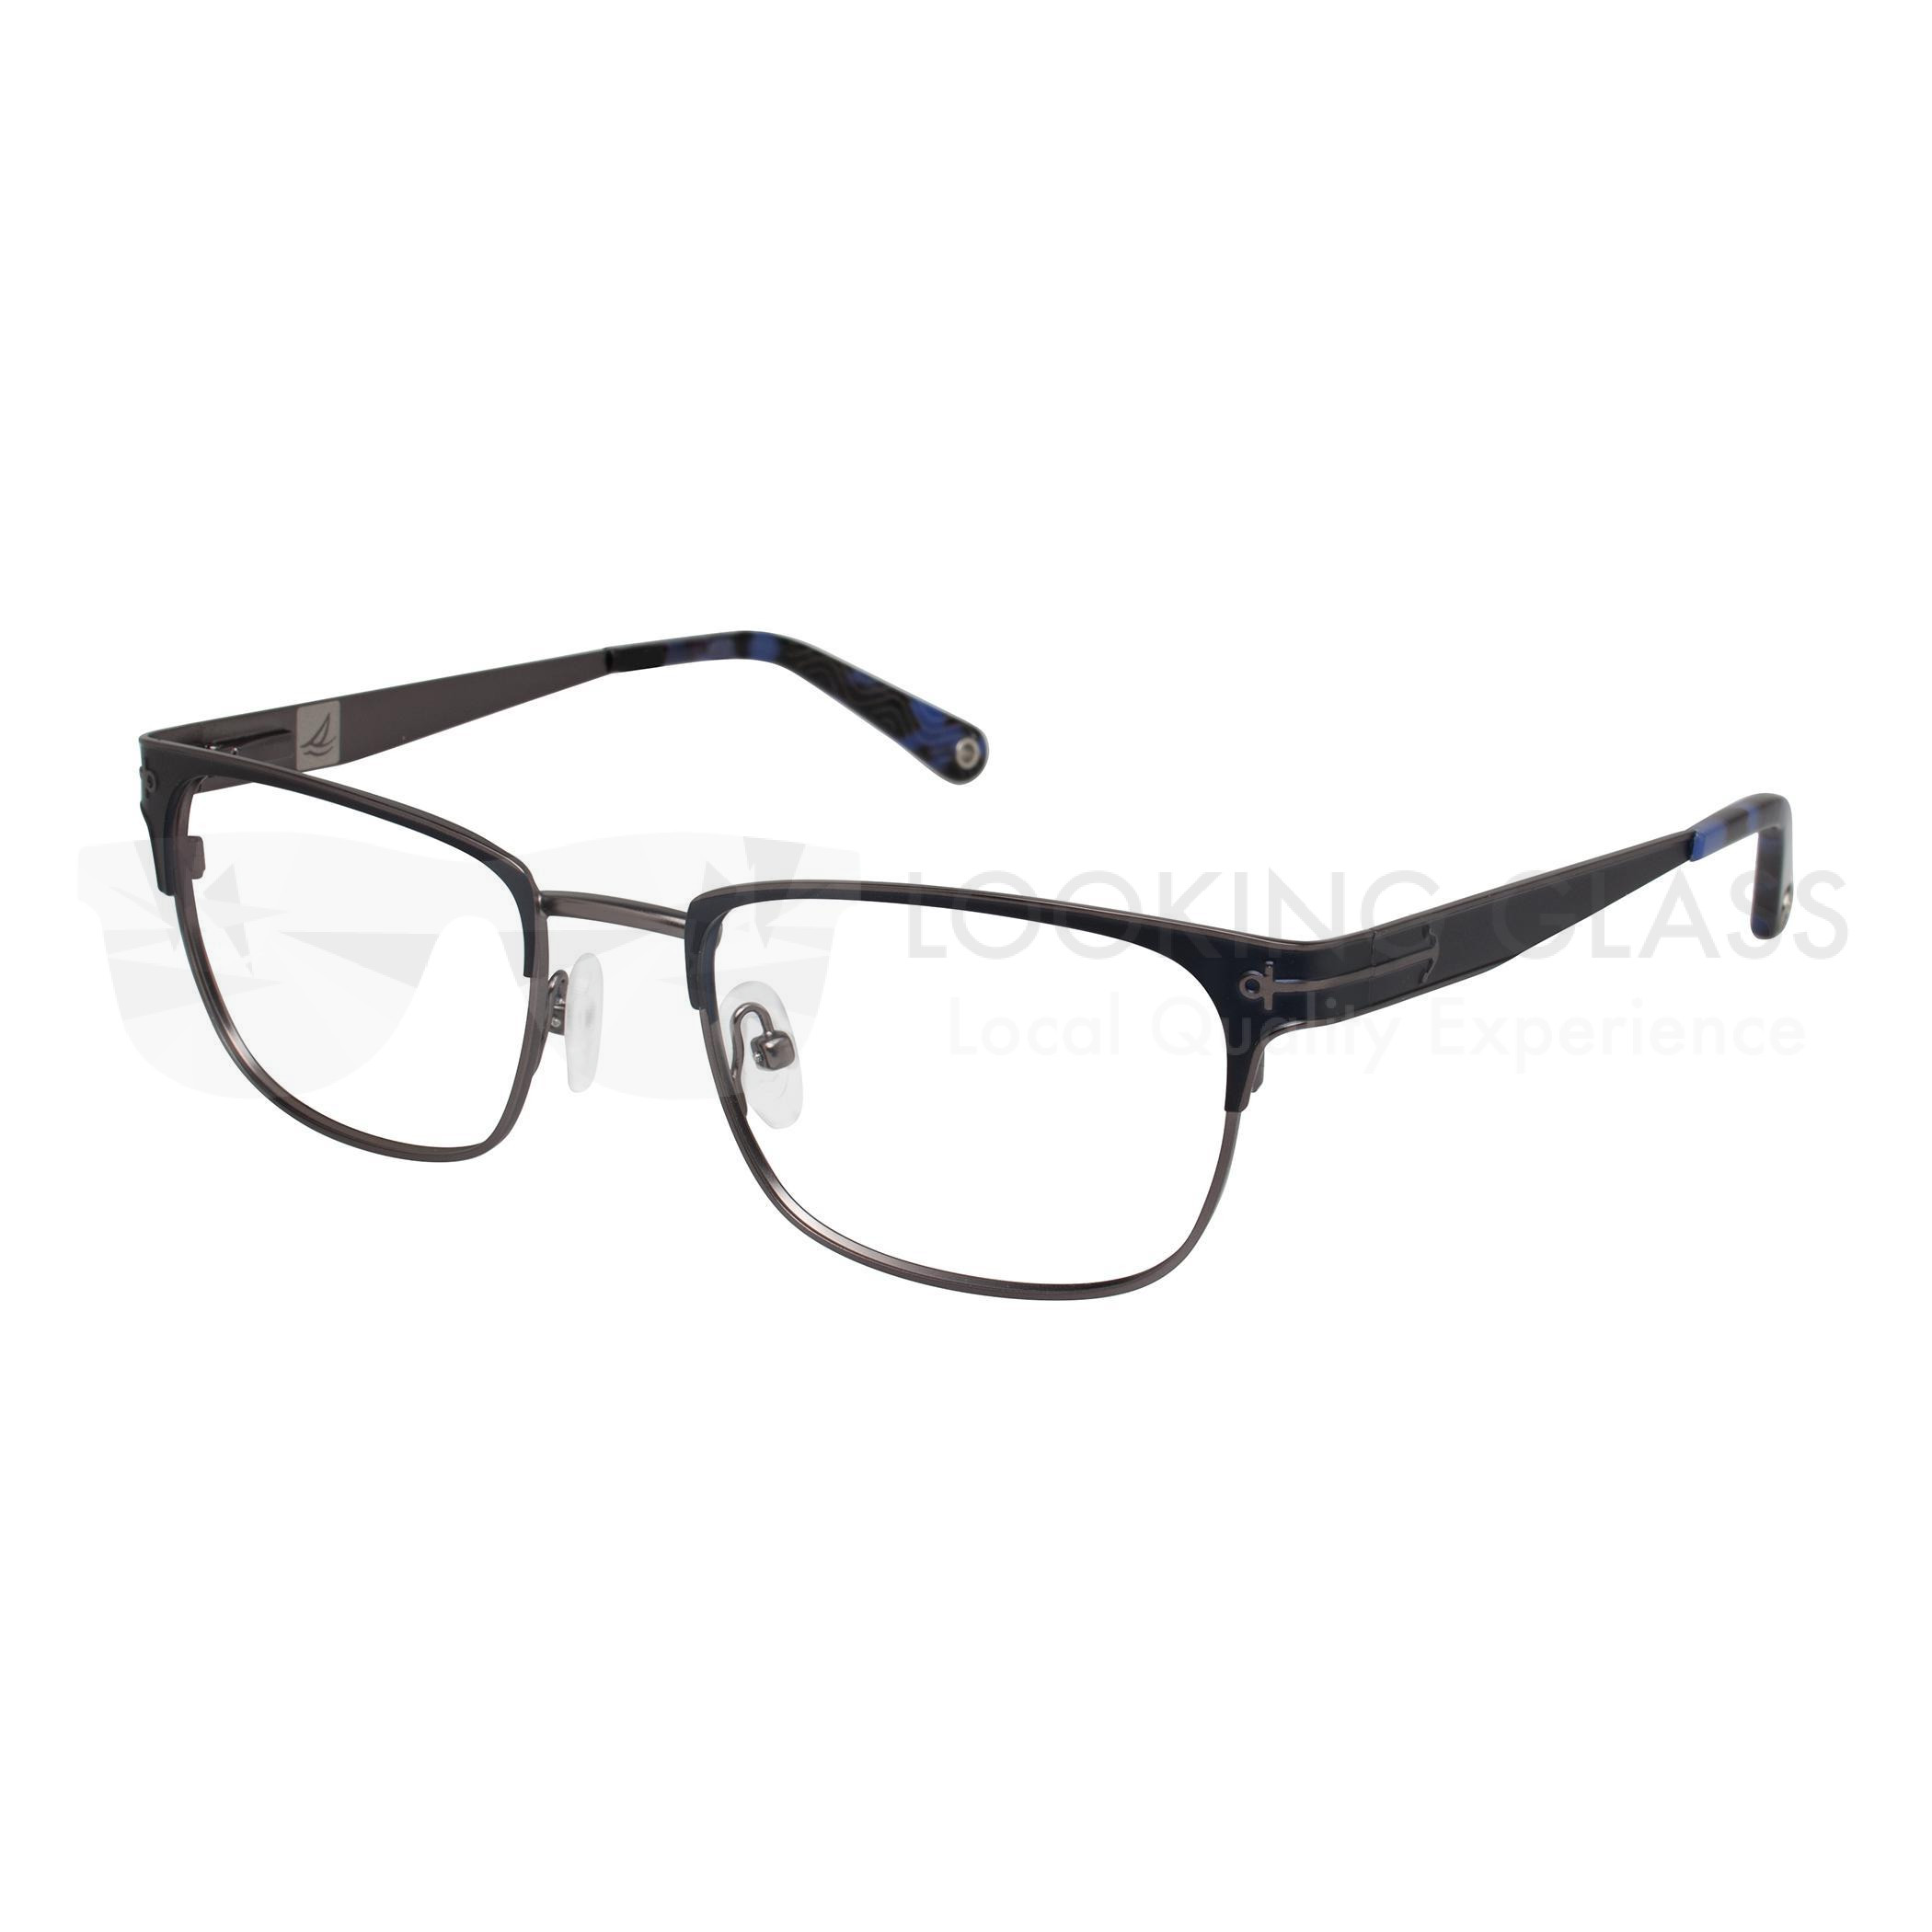 165d8bbe491 Sperry Hilton Head 53 NAVY GUN (C03) eyeglasses - eyeMAXXoutlet.com